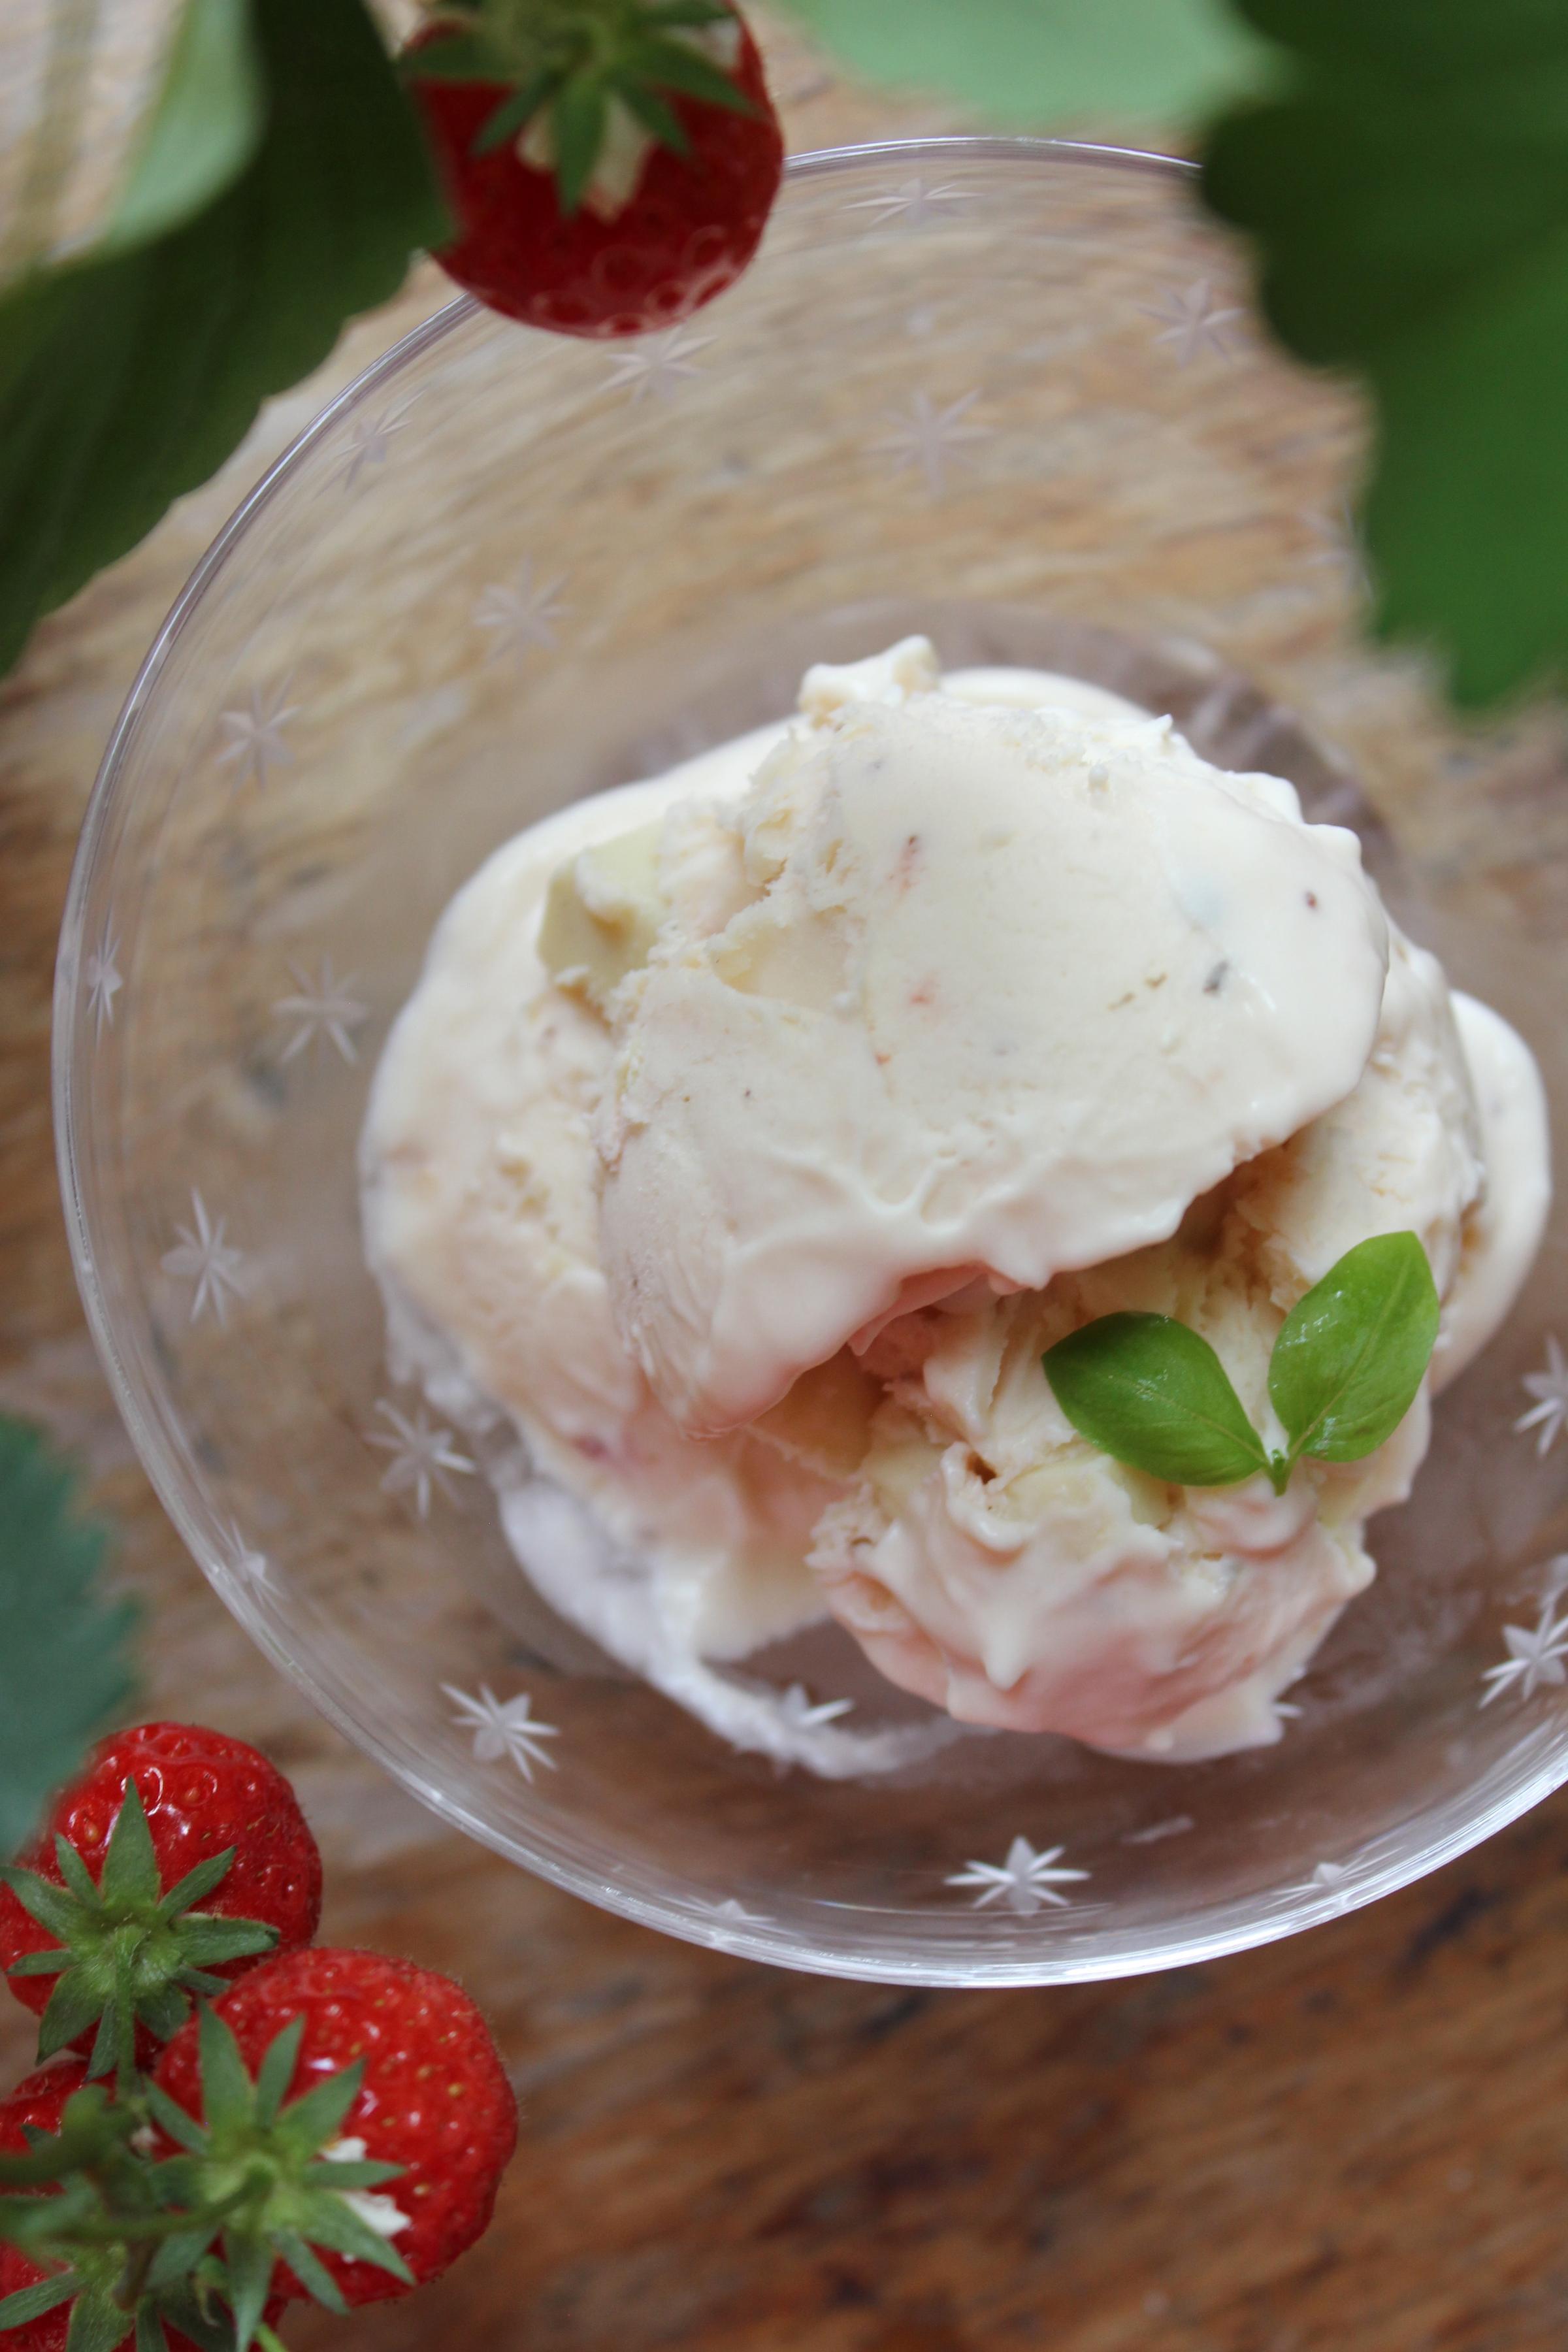 Strawberry, White Chocolate and Basil No-Churn Ice Cream